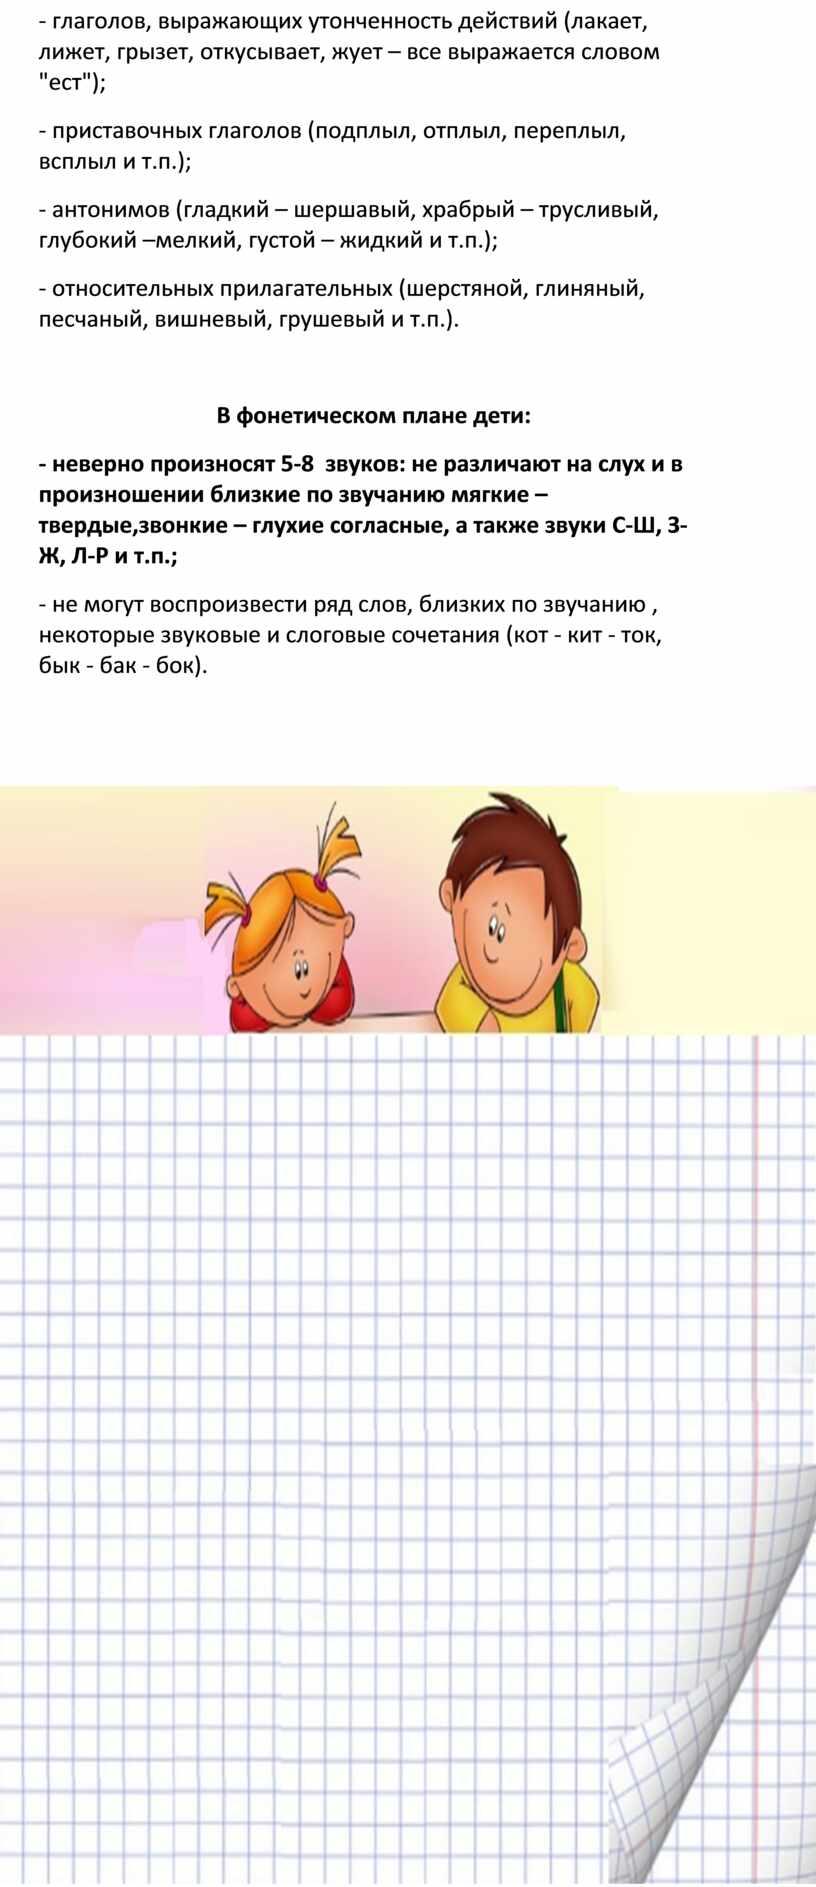 В фонетическом плане дети: - неверно произносят 5-8 звуков: не различают на слух и в произношении близкие по звучанию мягкие – твердые,звонкие – глухие согласные,…